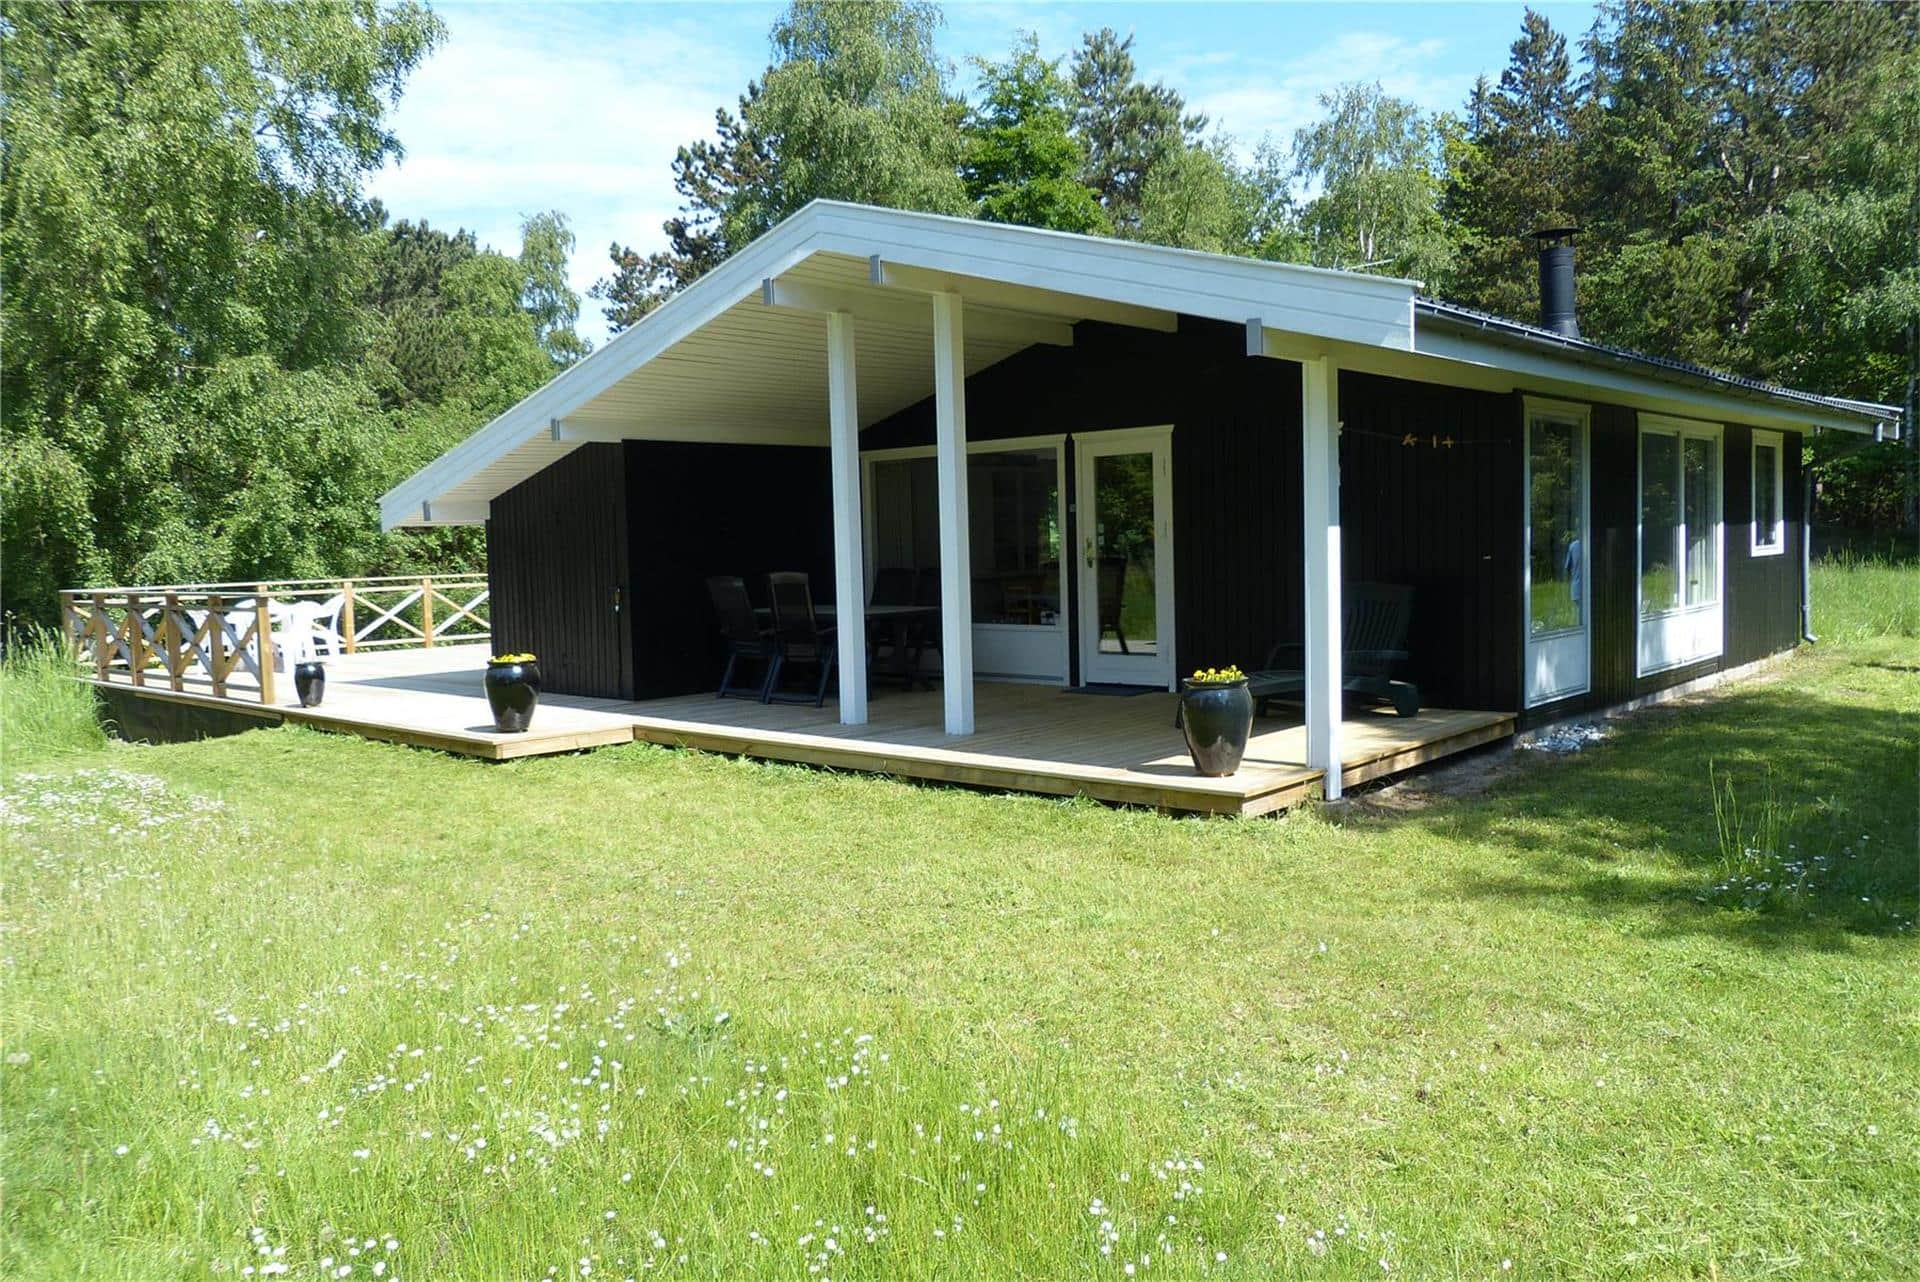 Bild 1-17 Ferienhaus 11139, Nordstrandsvej 128, DK - 4500 Nykøbing Sj